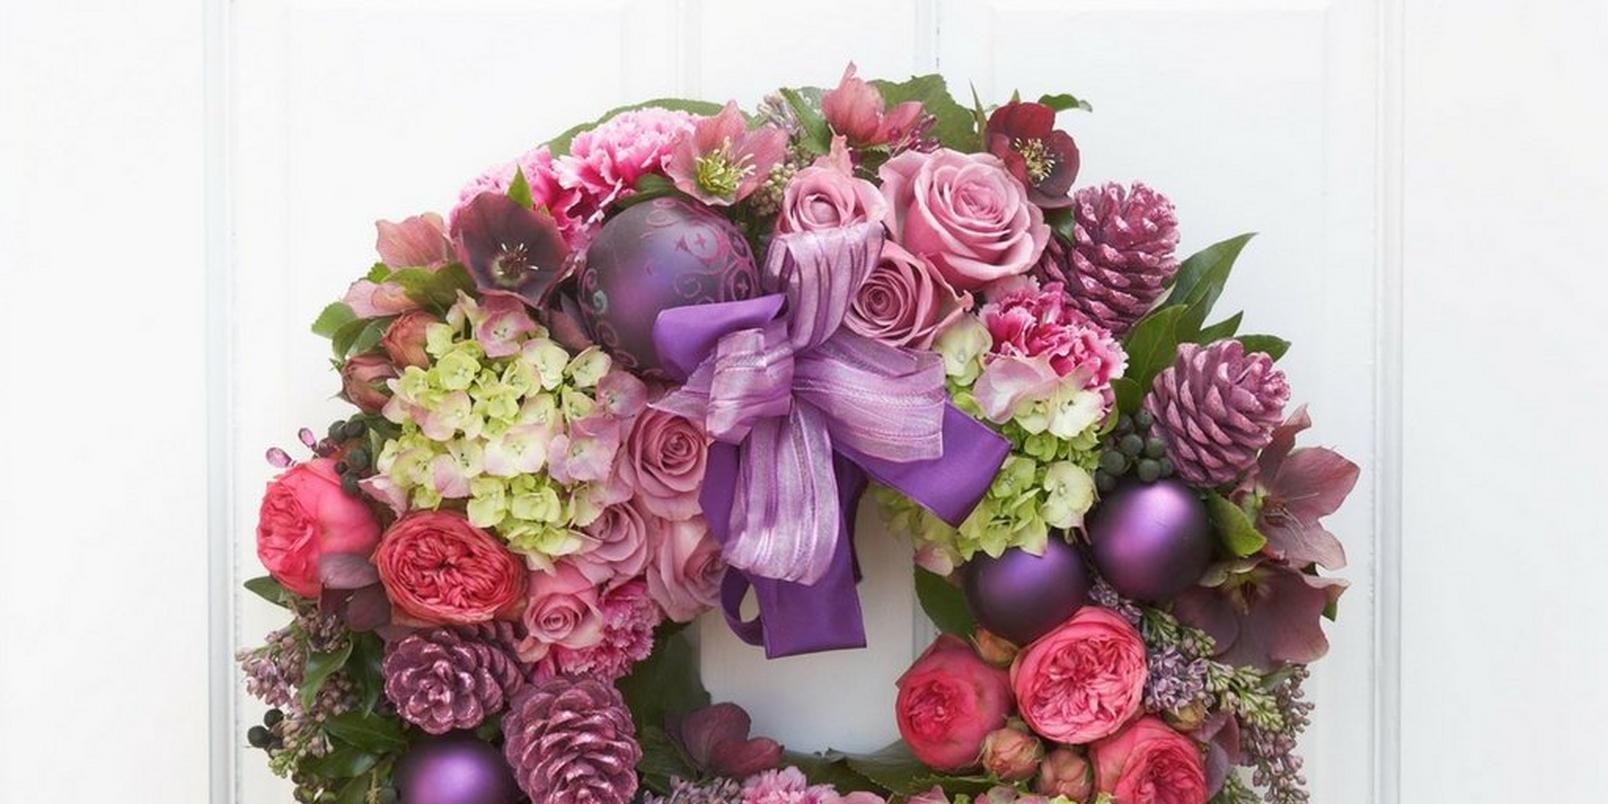 Christmas-wreath-12